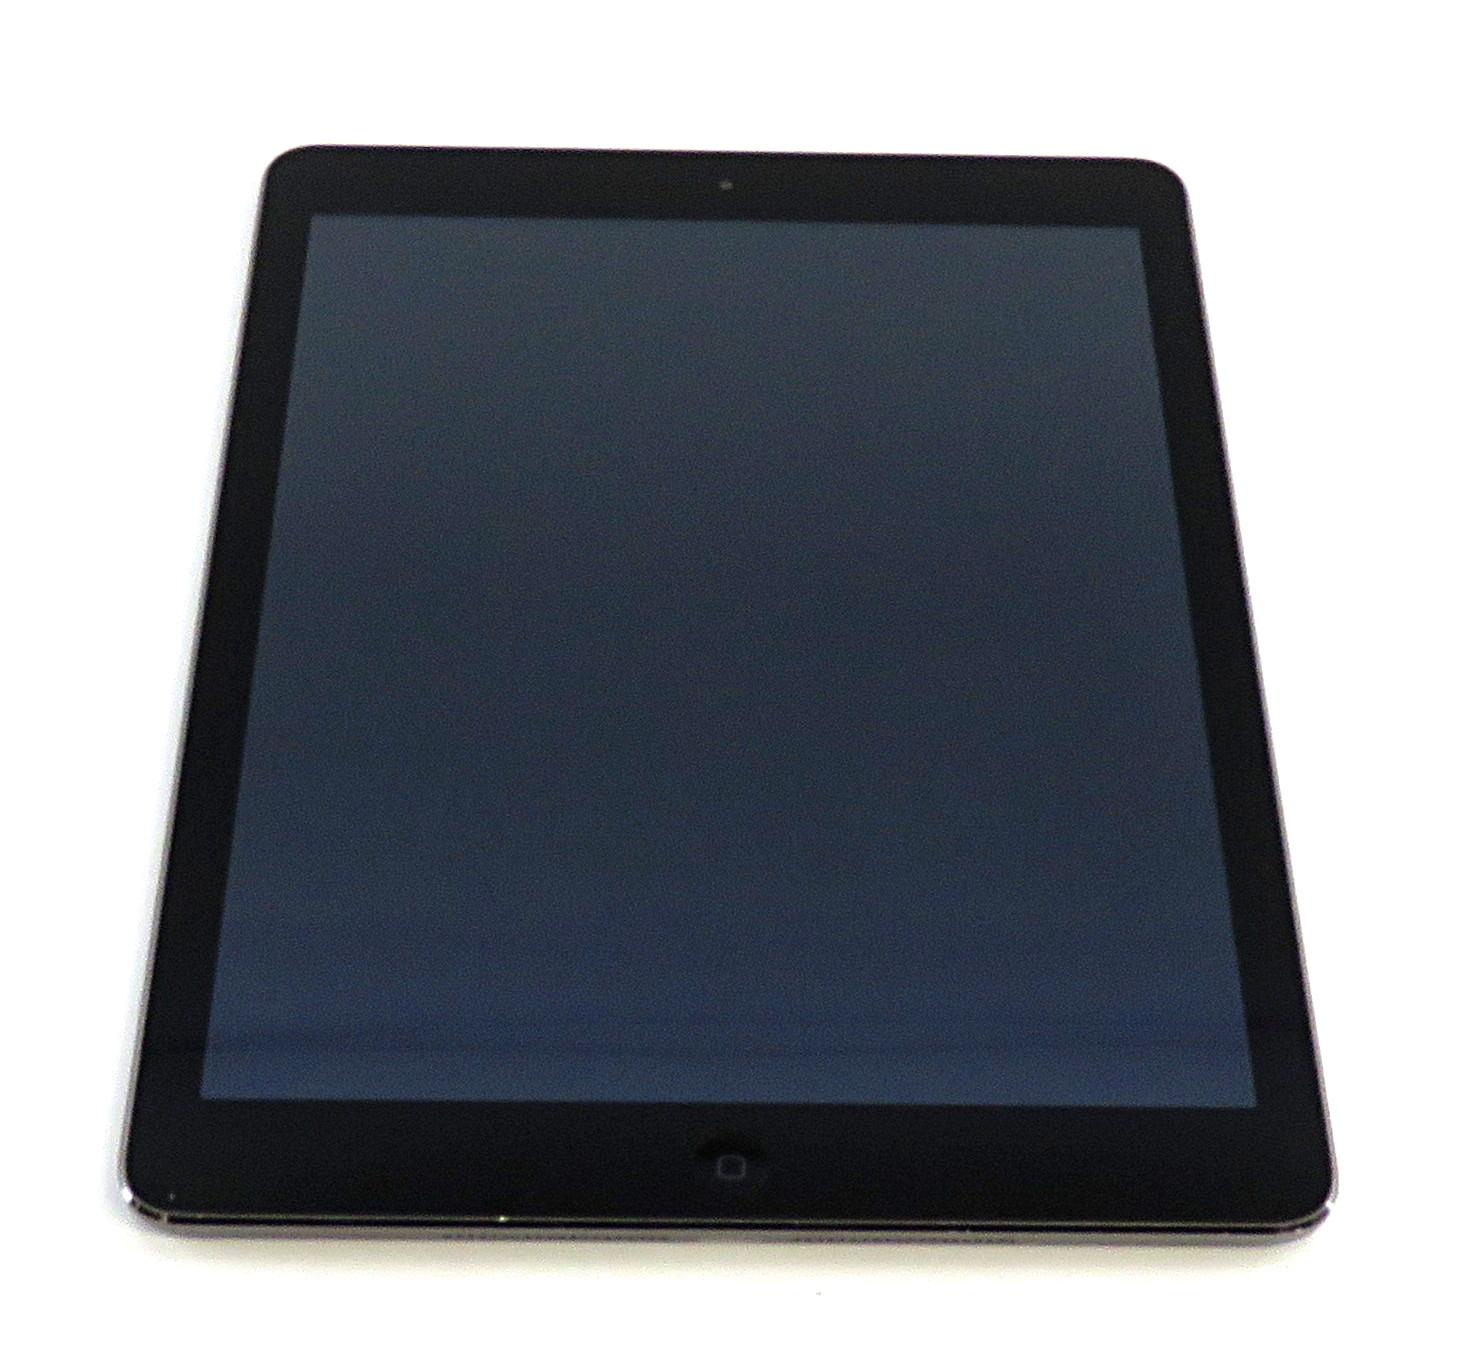 Tablet Apple iPad Air 16GB, wi-Fi Space Gray (MD785FD/A) - Ceny M: Apple iPad Air A1474 ( 16GB, Wi-Fi, White Certified Apple iPad Air A1474 16GB